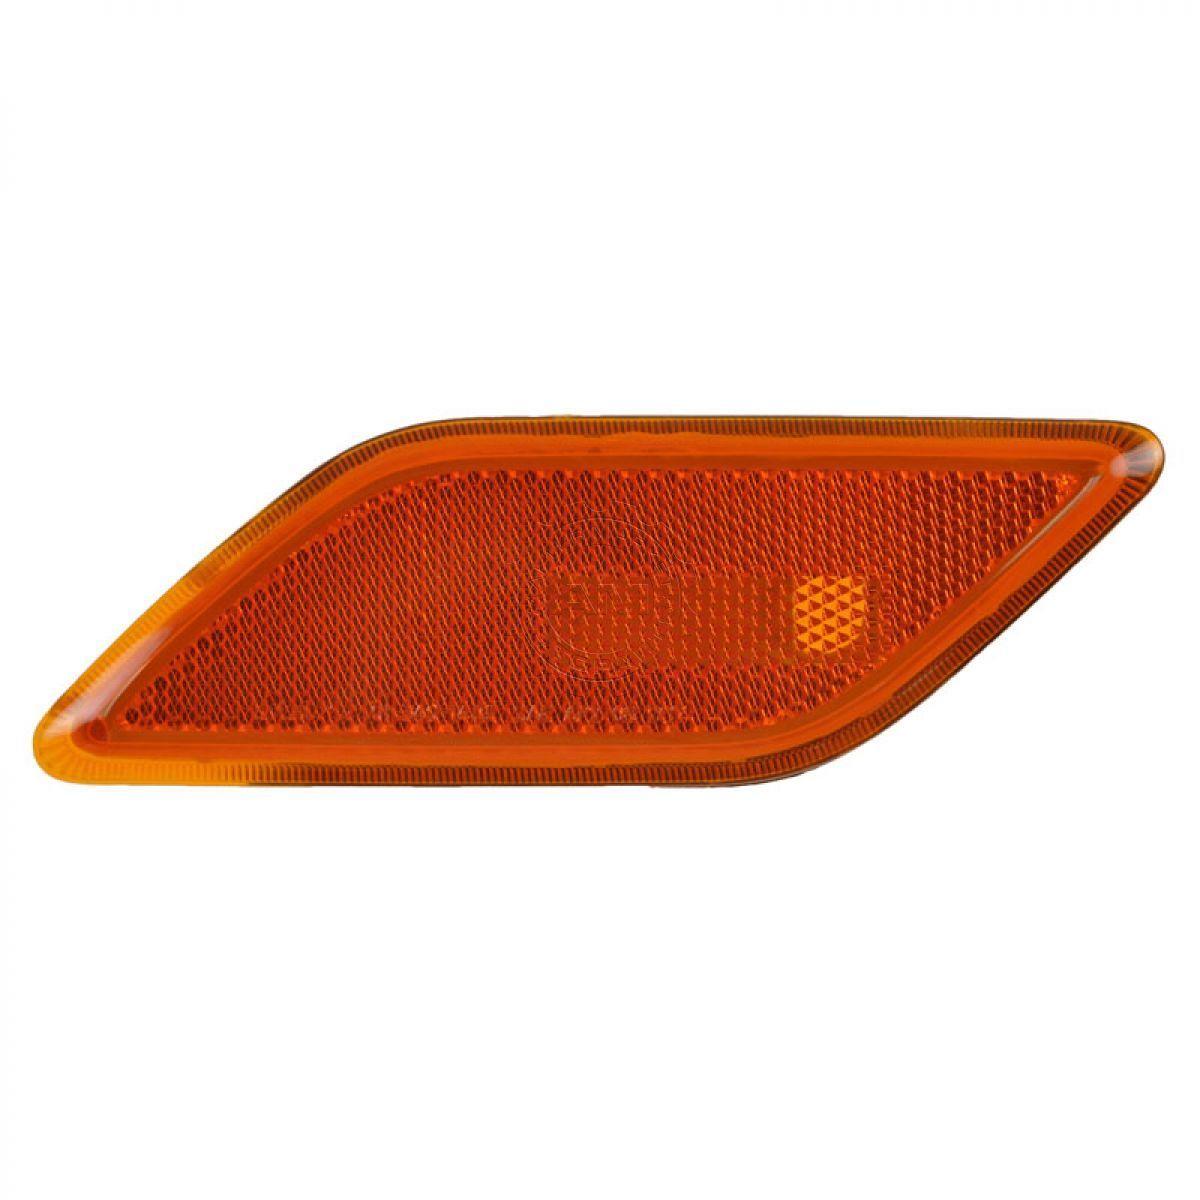 コーナーライト Front Side Marker Light Driver Side Left LH for MB E350 E550 E63 AMG 4 Door フロントサイドマーカーライトドライバサイドLH(MB E350用)E550 E63 AMG 4ドア